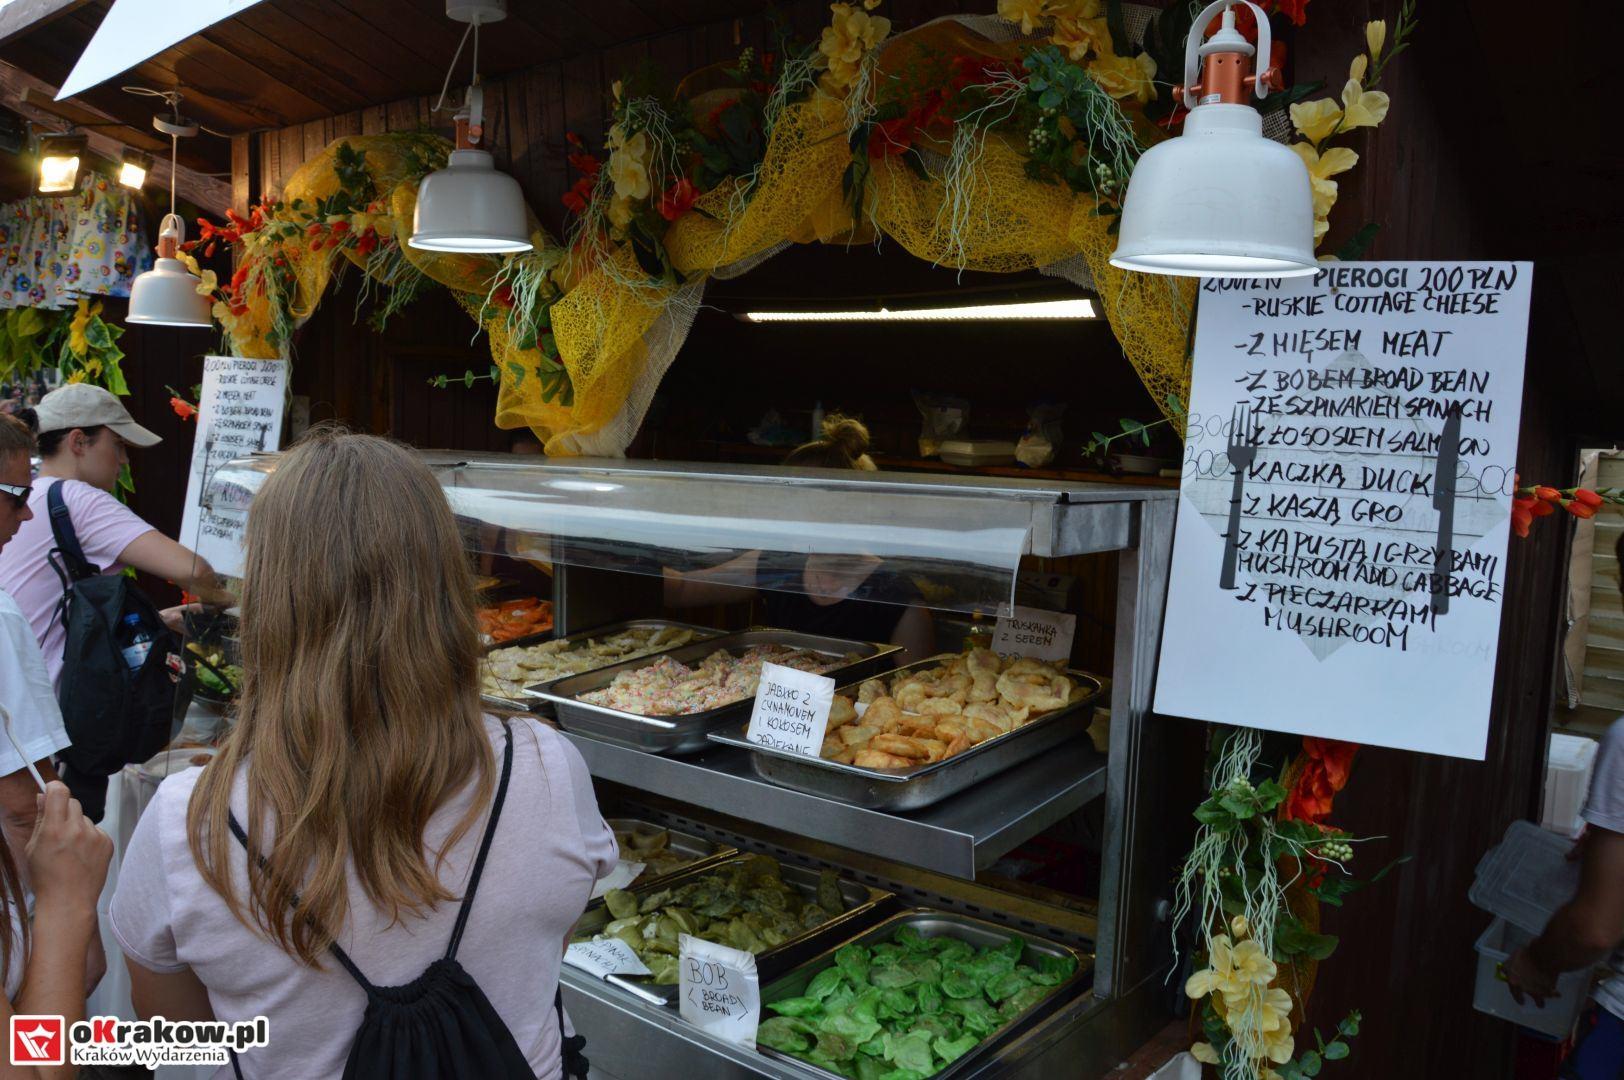 krakow festiwal pierogow maly rynek koncert cheap tobacco 64 150x150 - Galeria zdjęć Festiwal Pierogów Kraków 2018 + zdjęcia z koncertu Cheap Tobacco